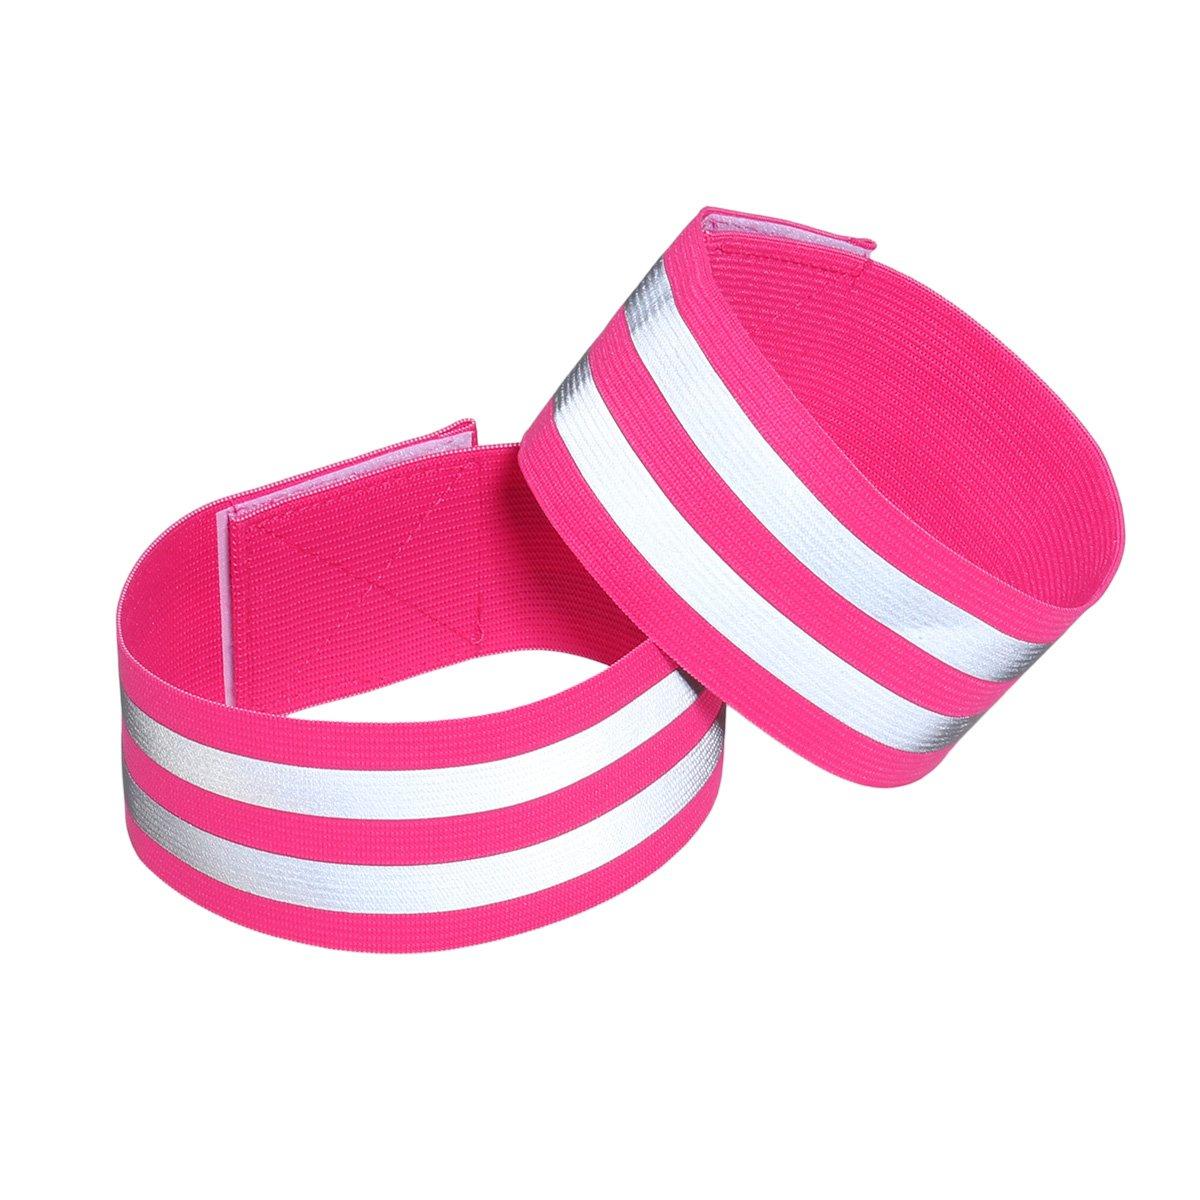 LIOOBO 1 para Reflektierende Bänder für Handgelenk Knöchelbein Reflektierende Laufbekleidung für Männer Frauen Nacht Laufen Radfahren Wandern